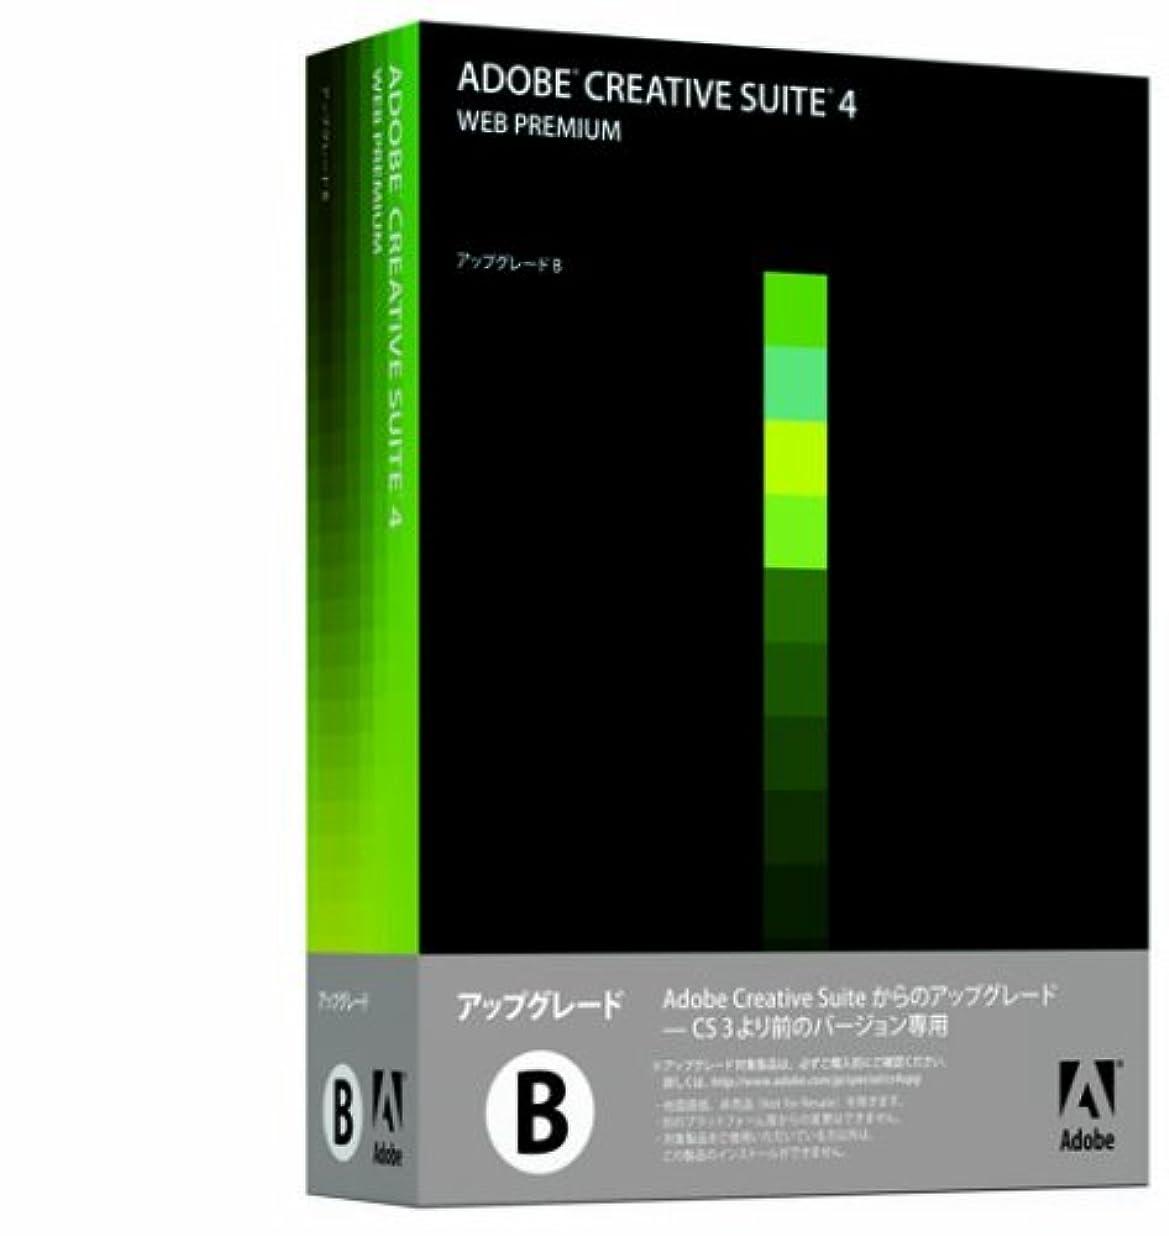 アパートおもてなし回転するAdobe Creative Suite 4 Web Premium 日本語版 アップグレード版B (SUITES 2/3V) 発売記念価格版 Macintosh版 (旧製品)